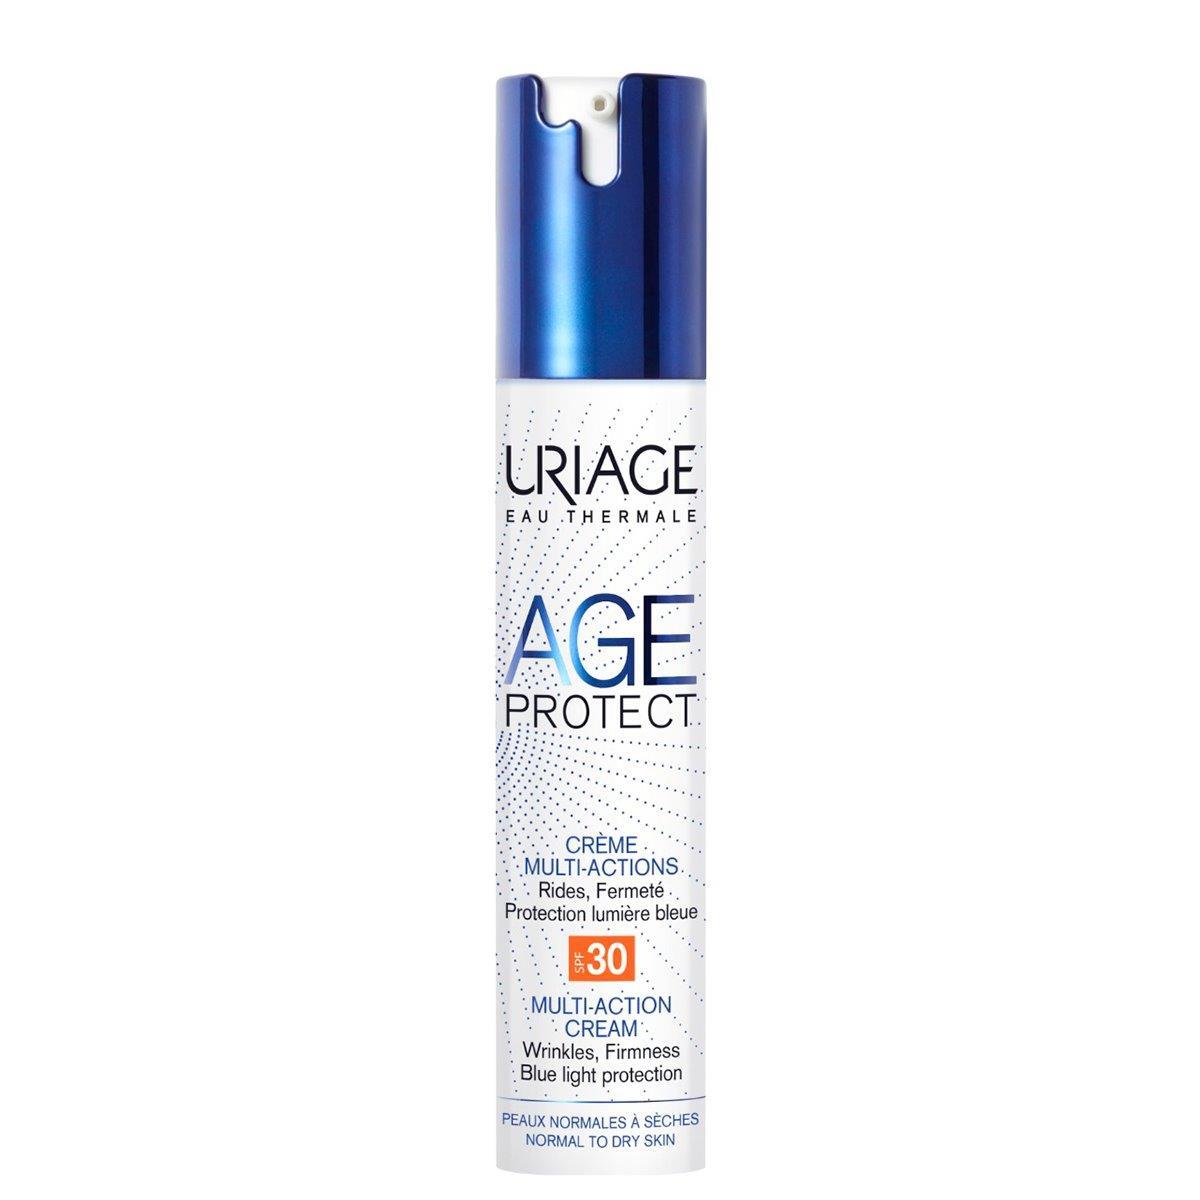 Age Protect Crema Spf 30 40Ml